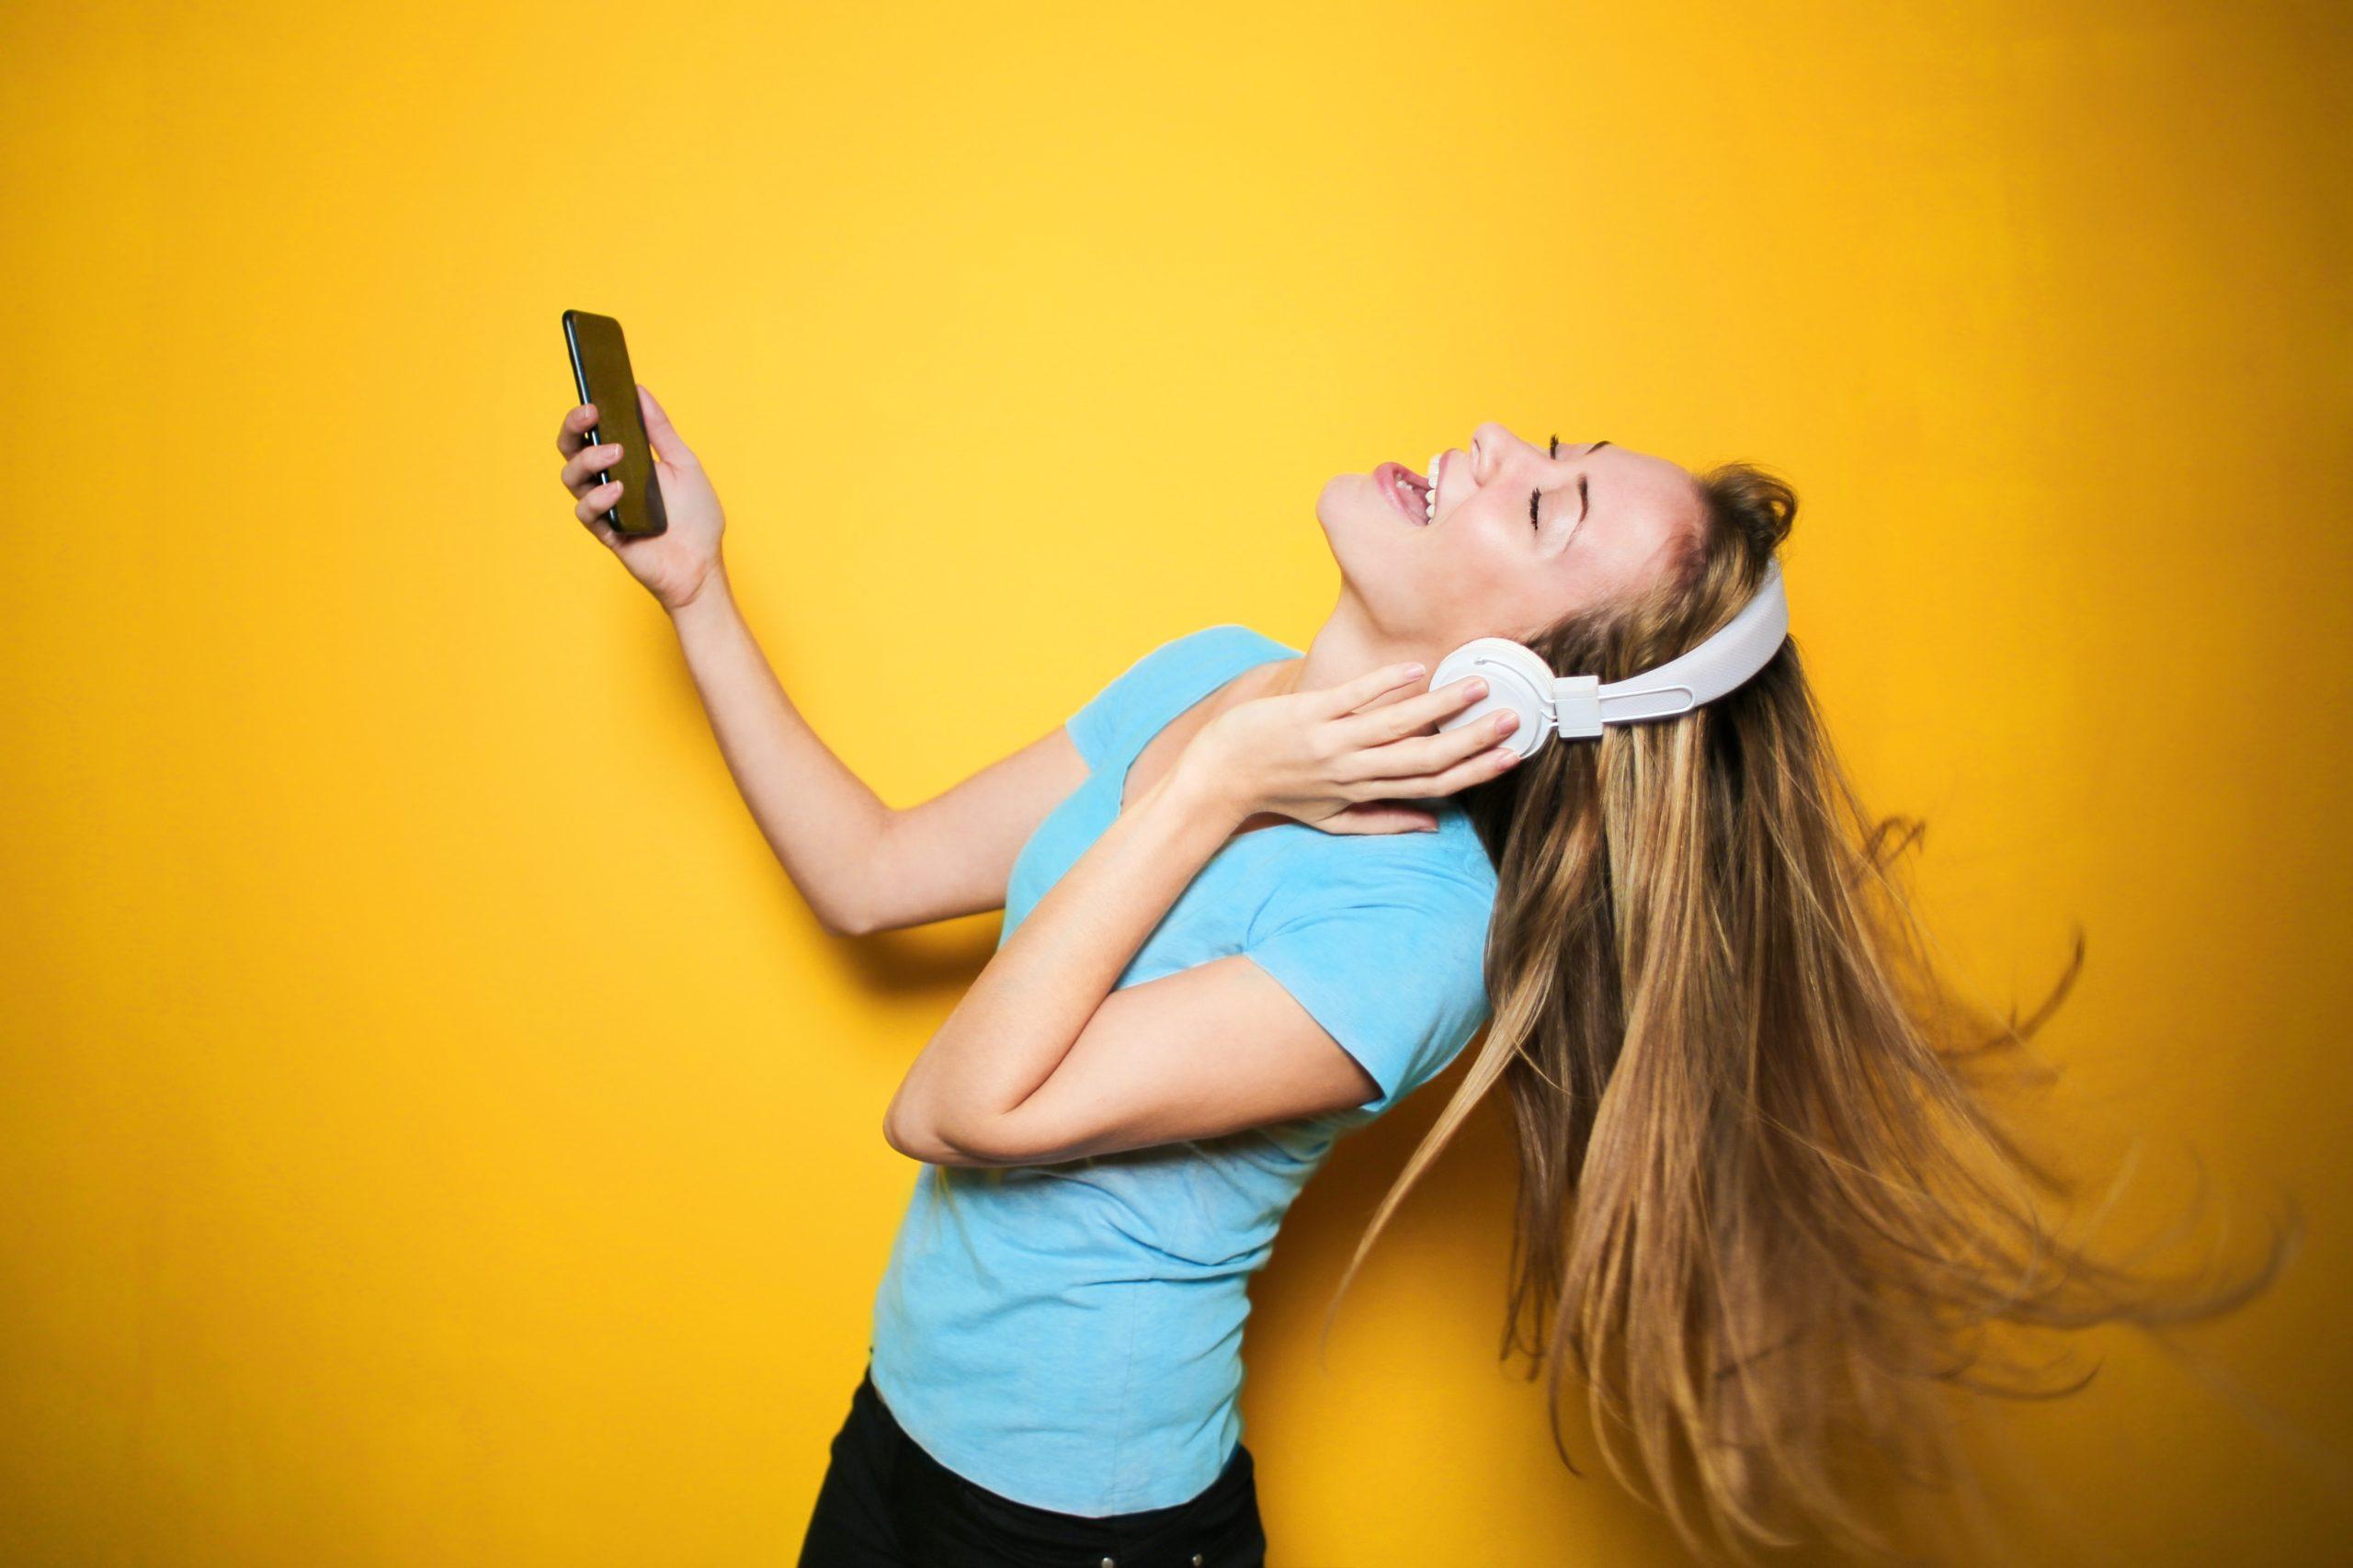 O que é um headphone?